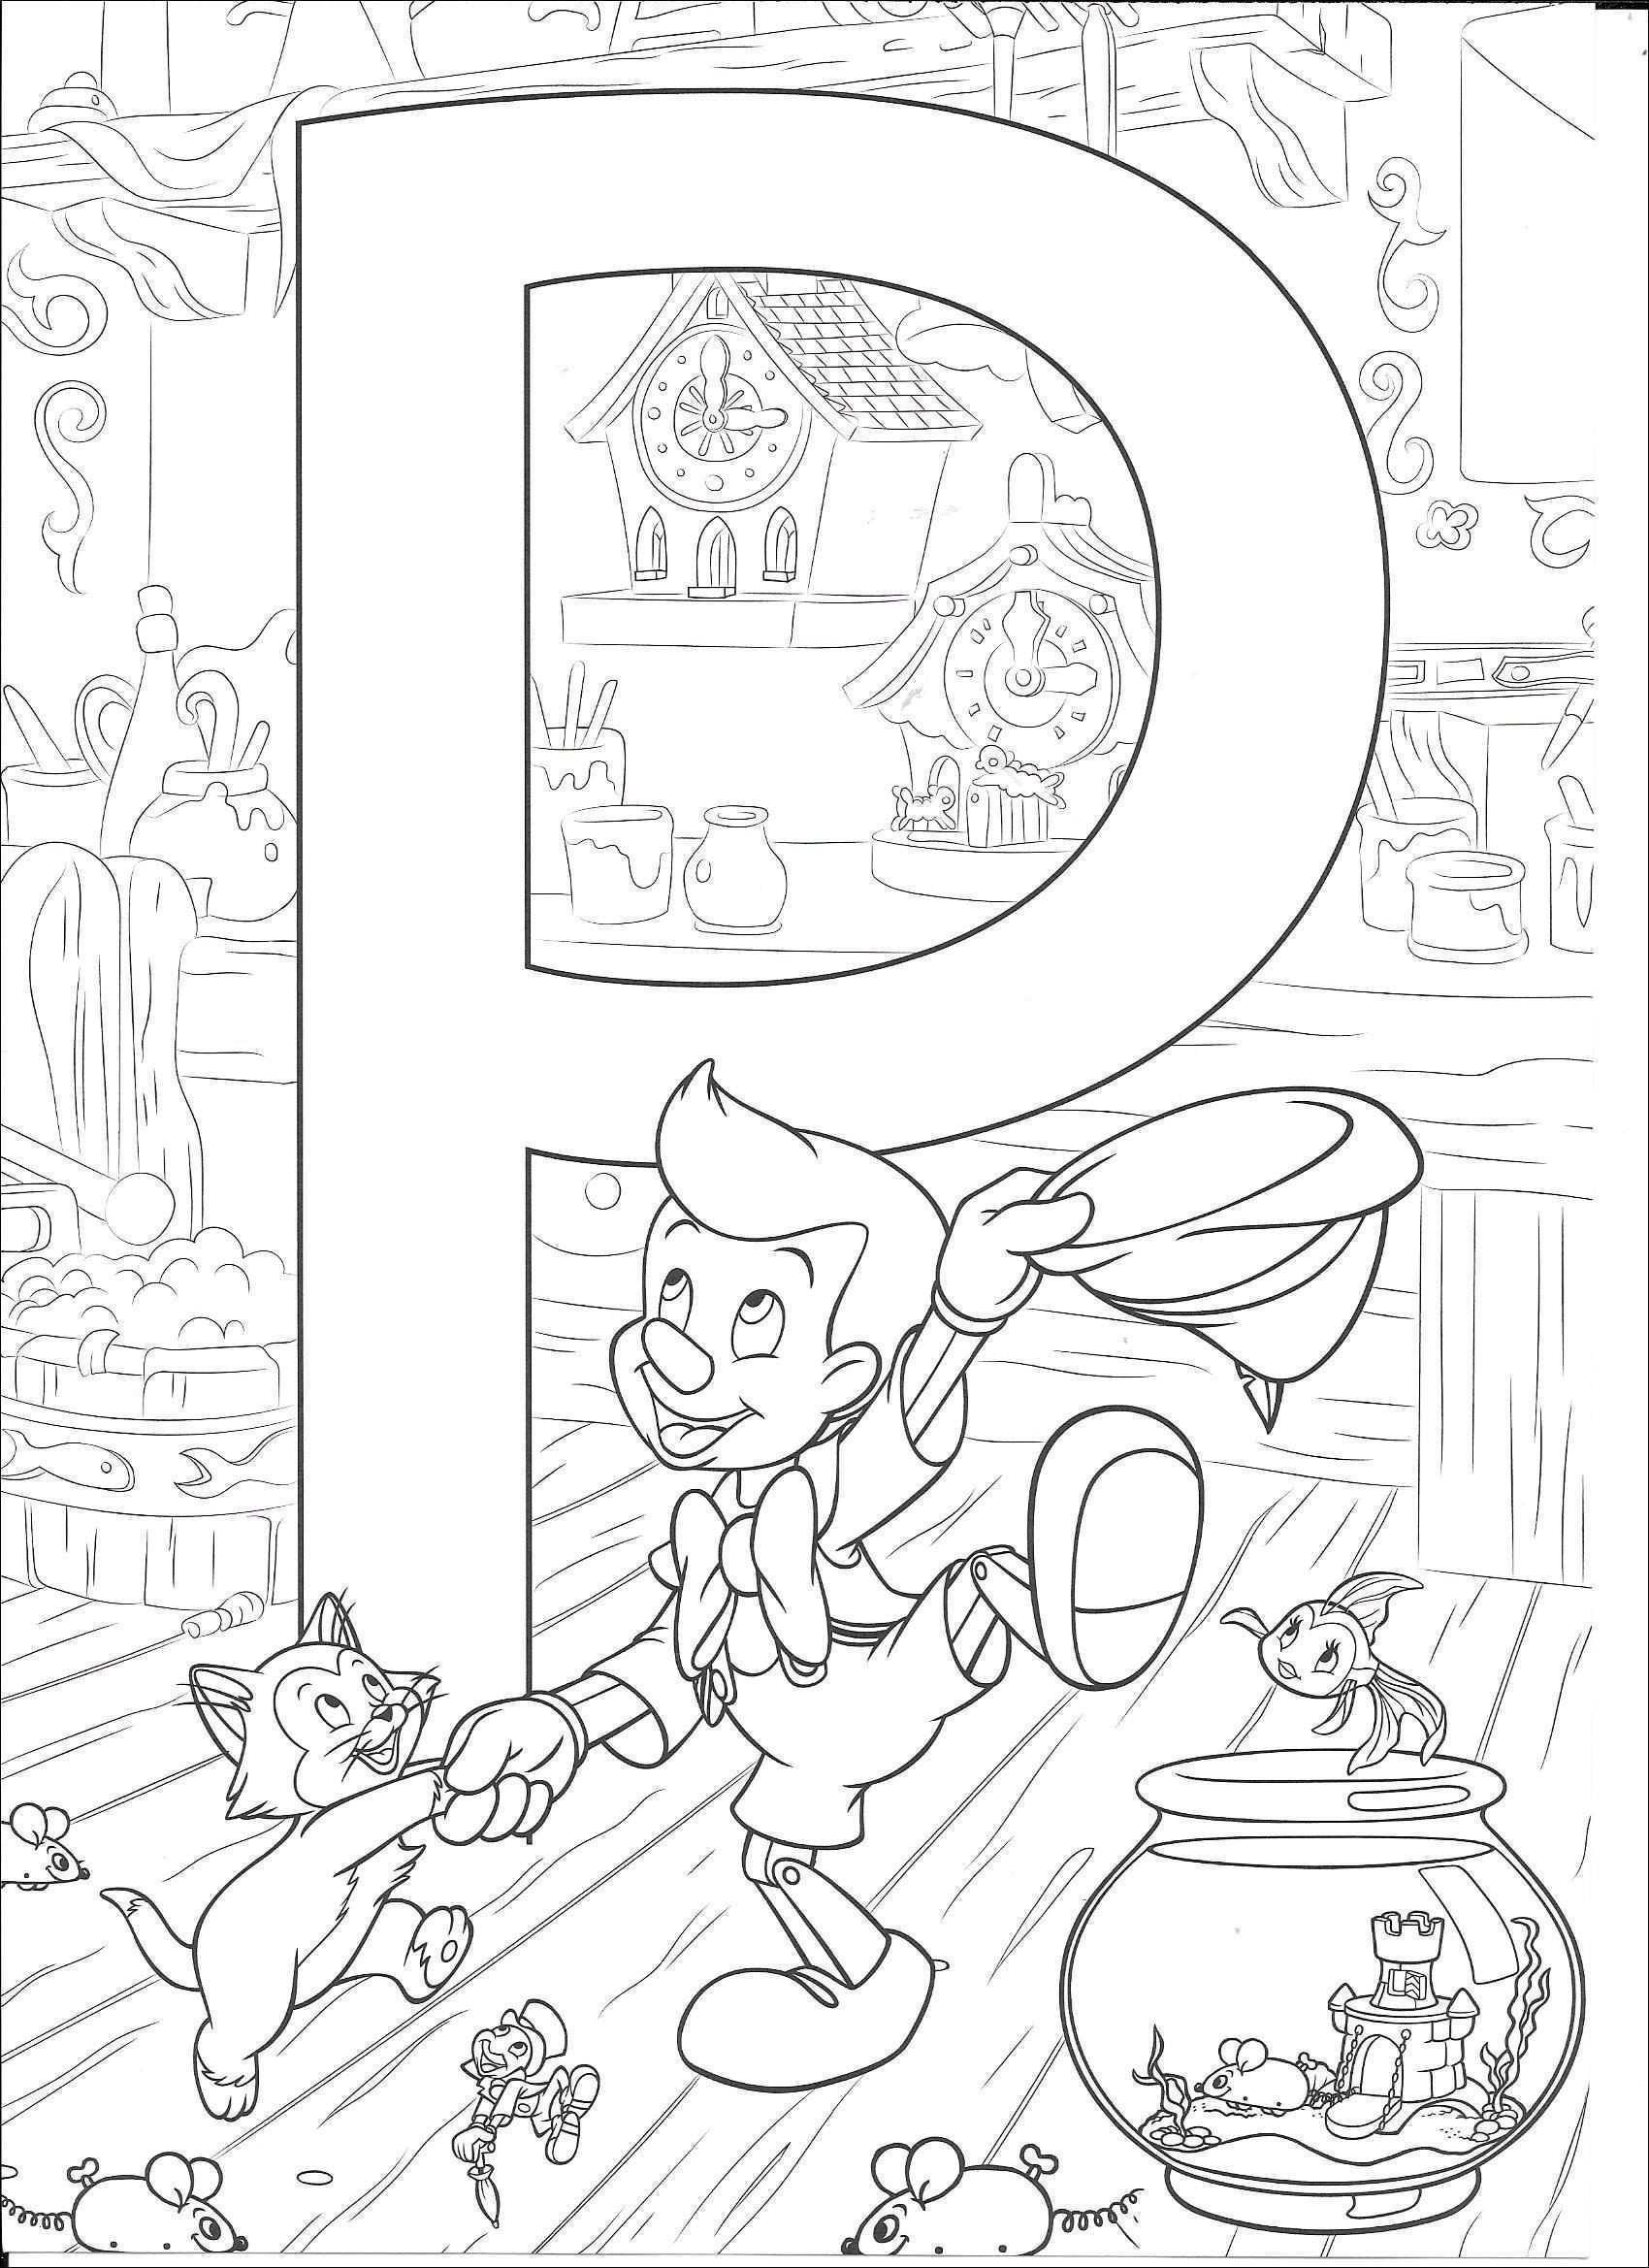 Micky Maus Baby Ausmalbilder Frisch Minnie Maus Baby Ausmalbilder Bild Ausmalbilder Baby Micky Maus Stock